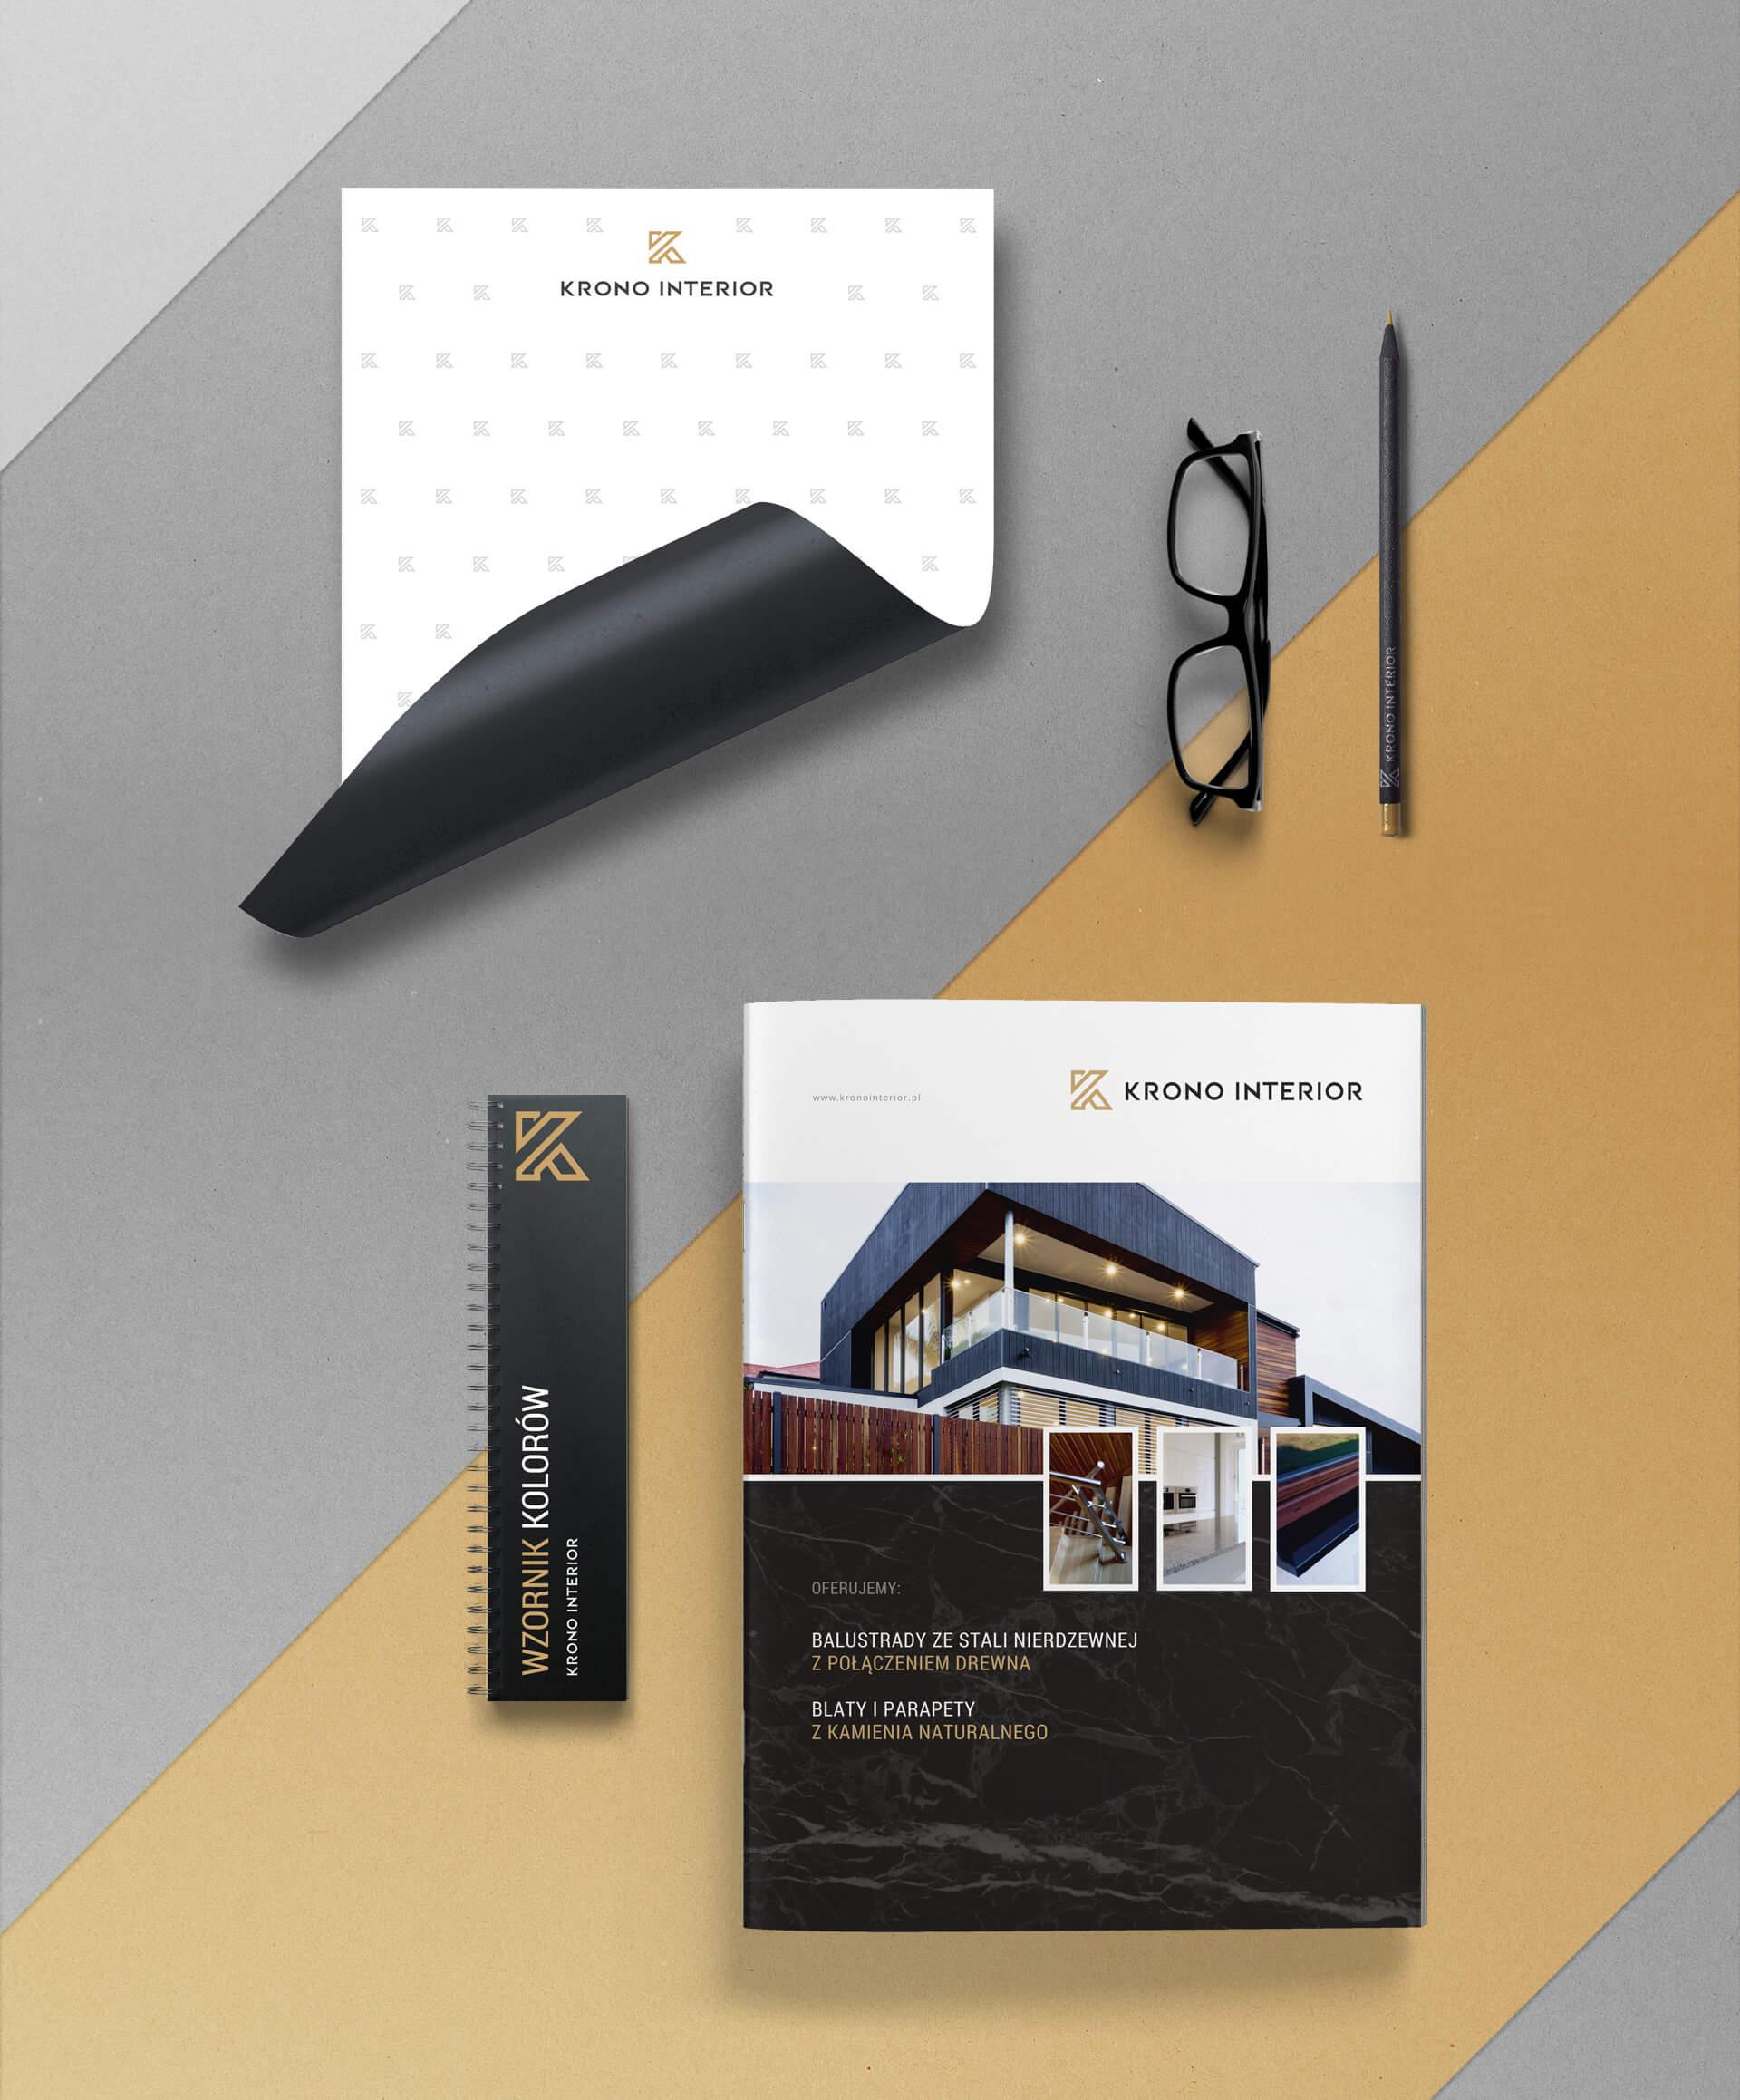 Folder reklamowy i materiały promocyjne dla firmy zajmującej się wykańczaniem wnętrz